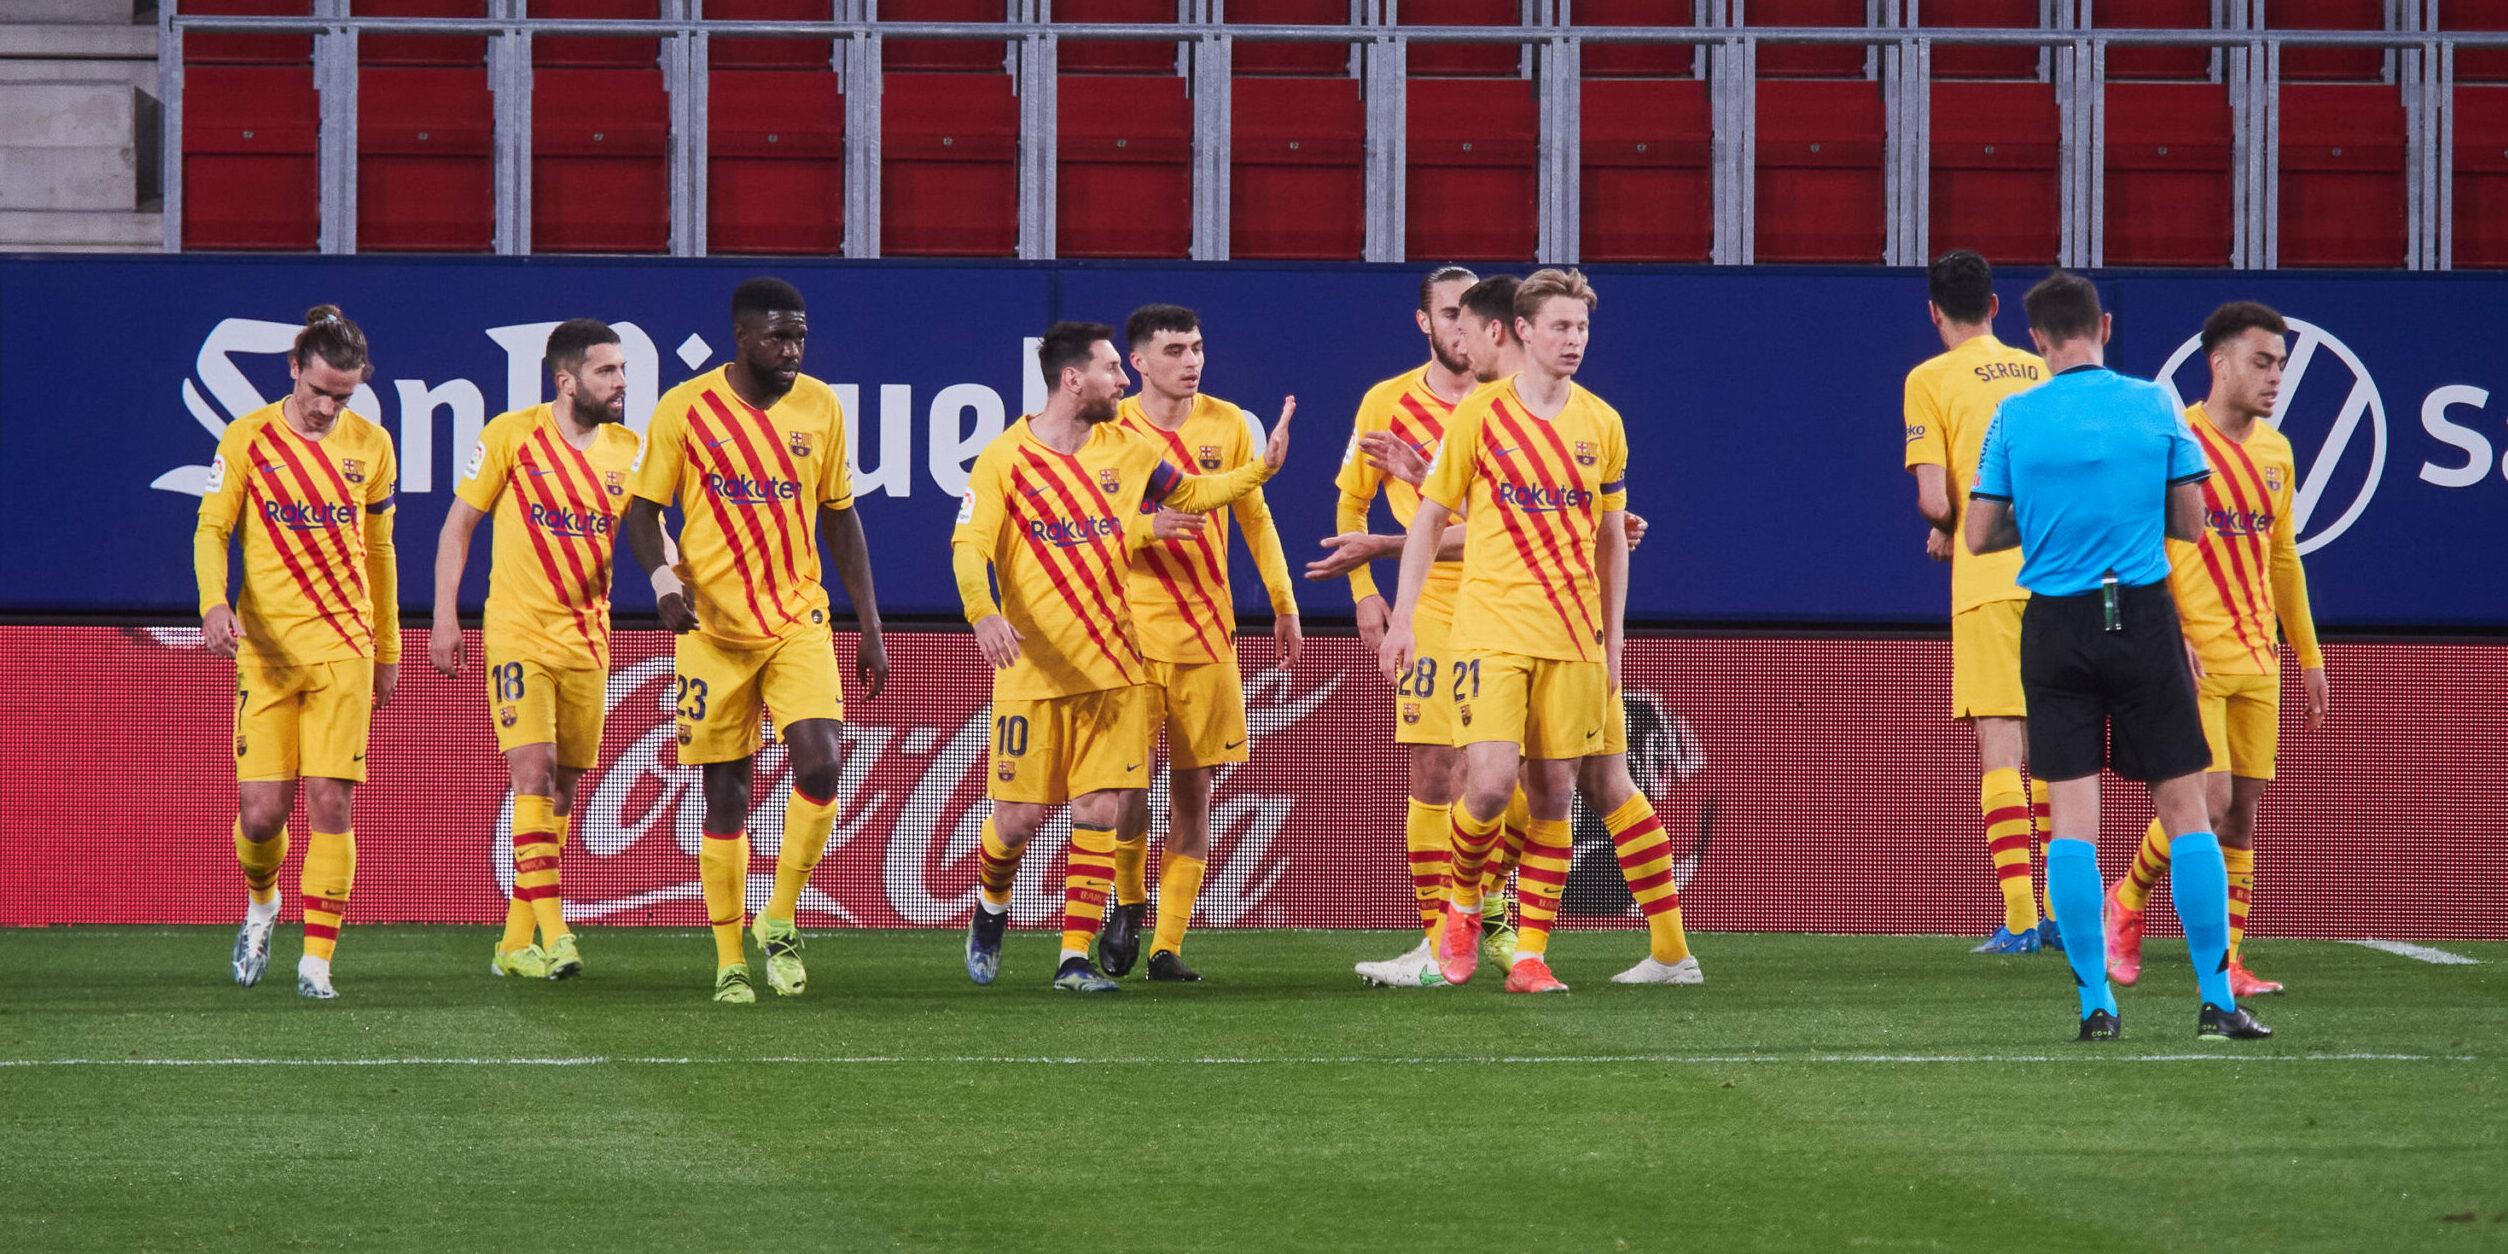 Els jugadors del Barça celebren un gol | Europa Press